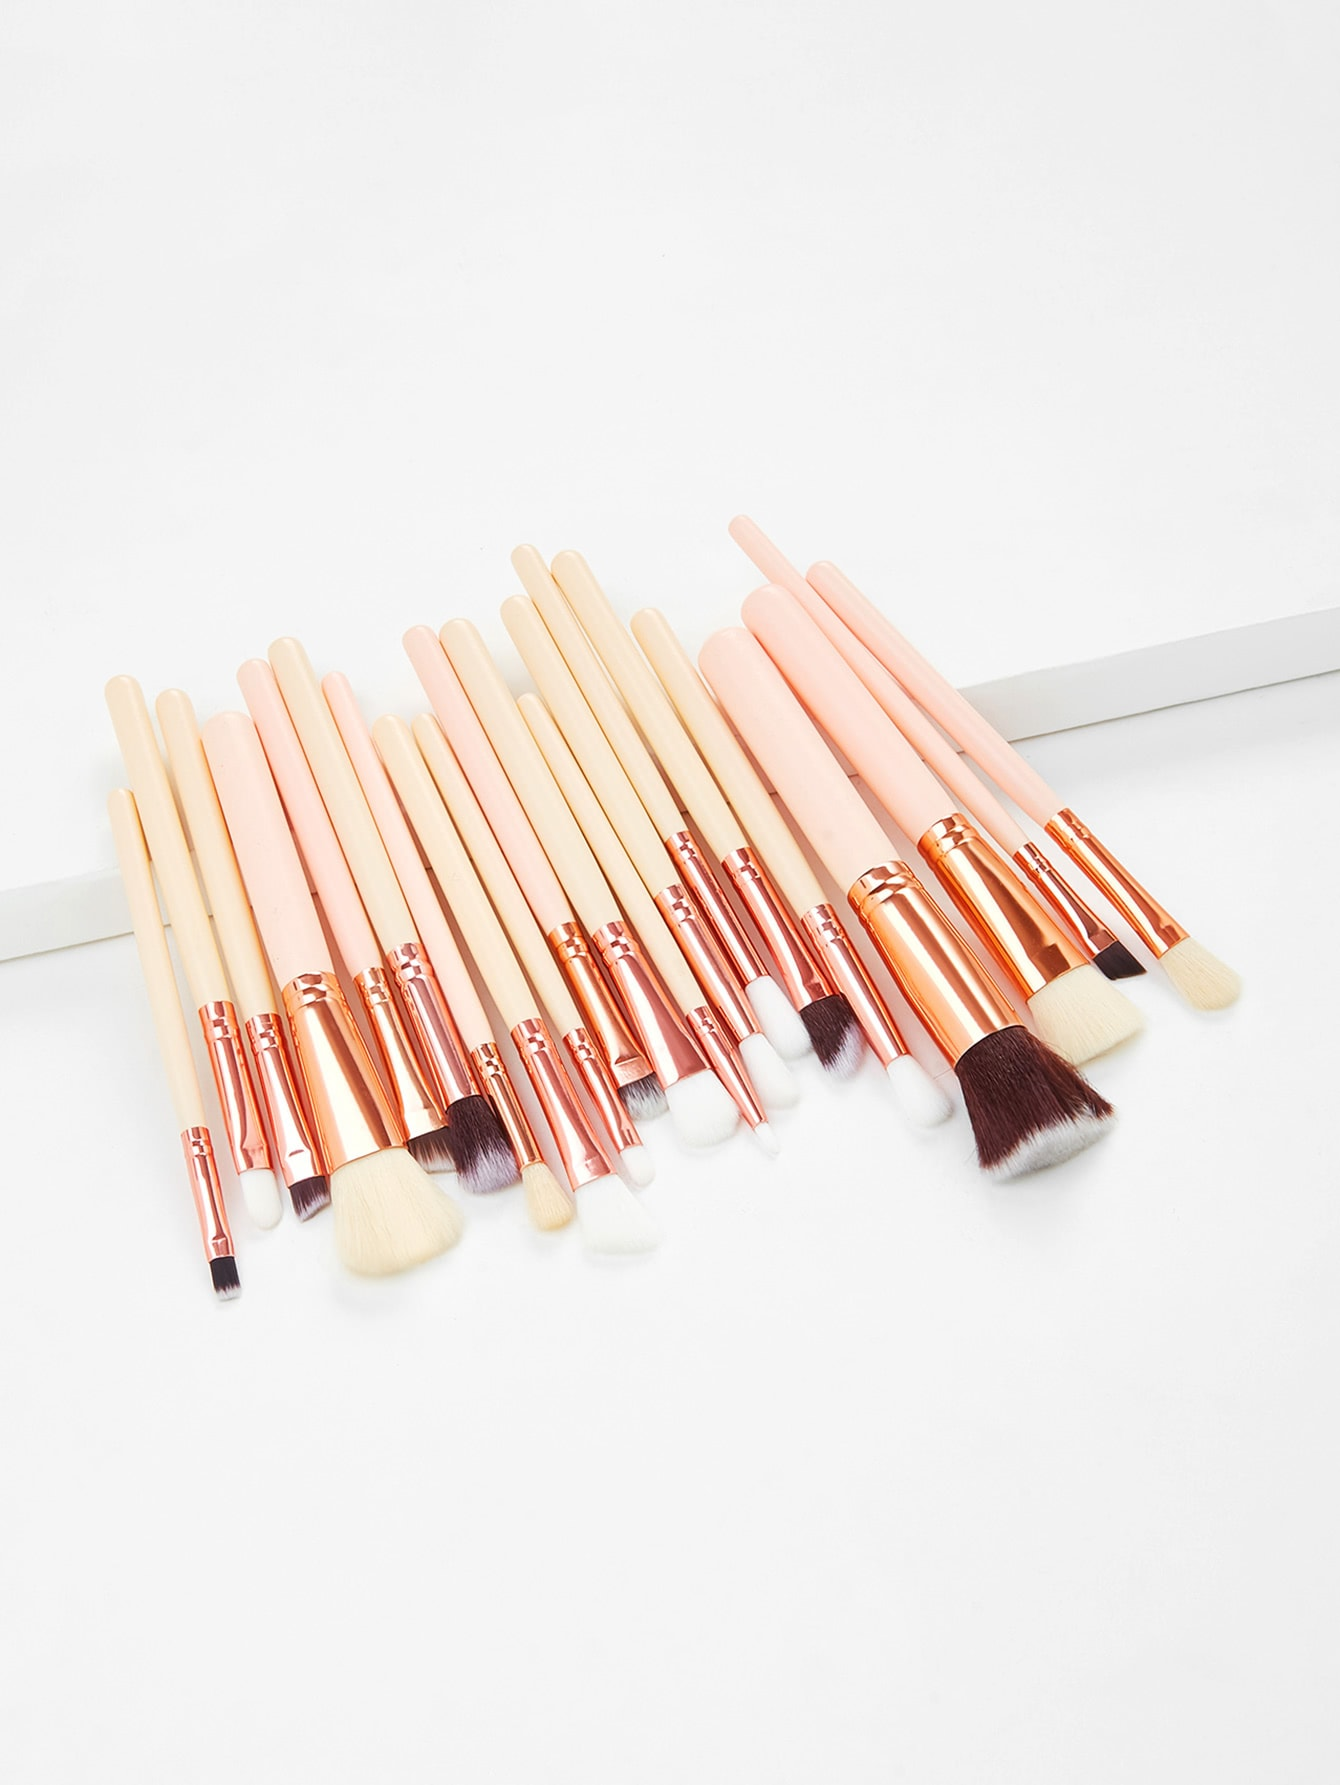 Professional Makeup Brush 20pcs